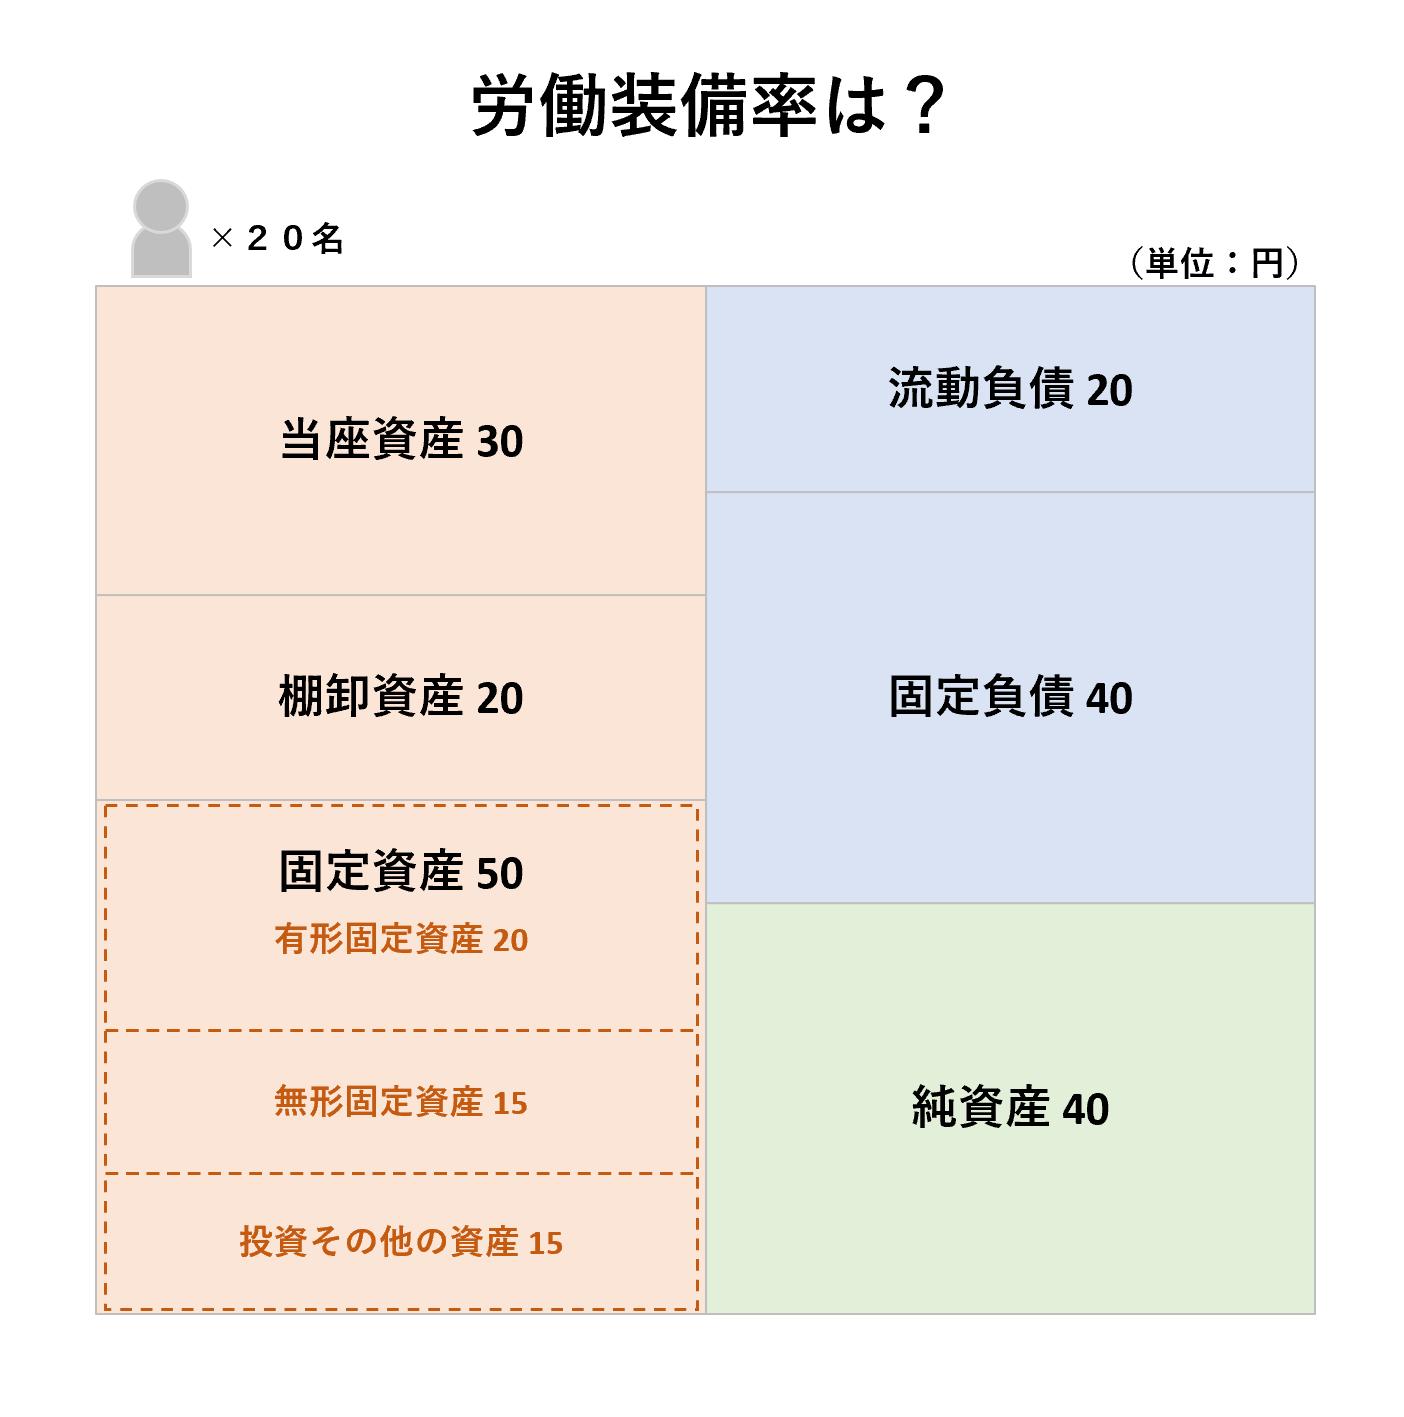 1人当たり分析(2級):労働装備率-問題